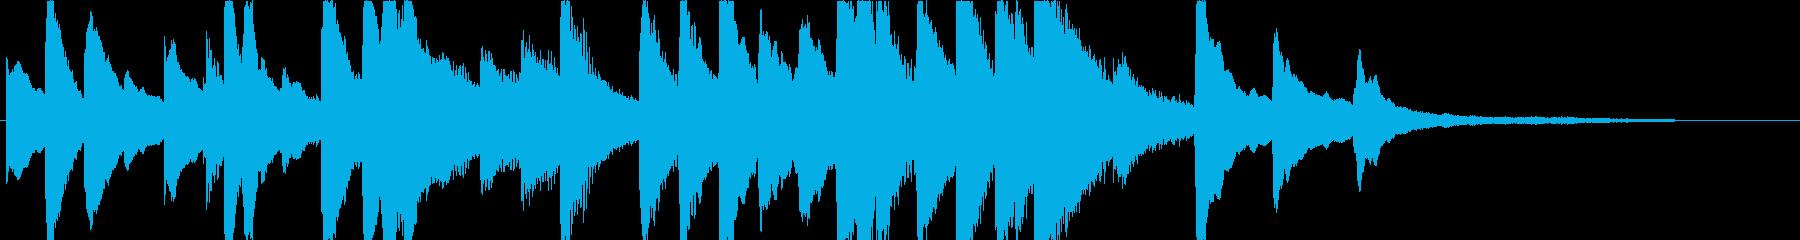 ジングル - しっとりピアノソロの再生済みの波形